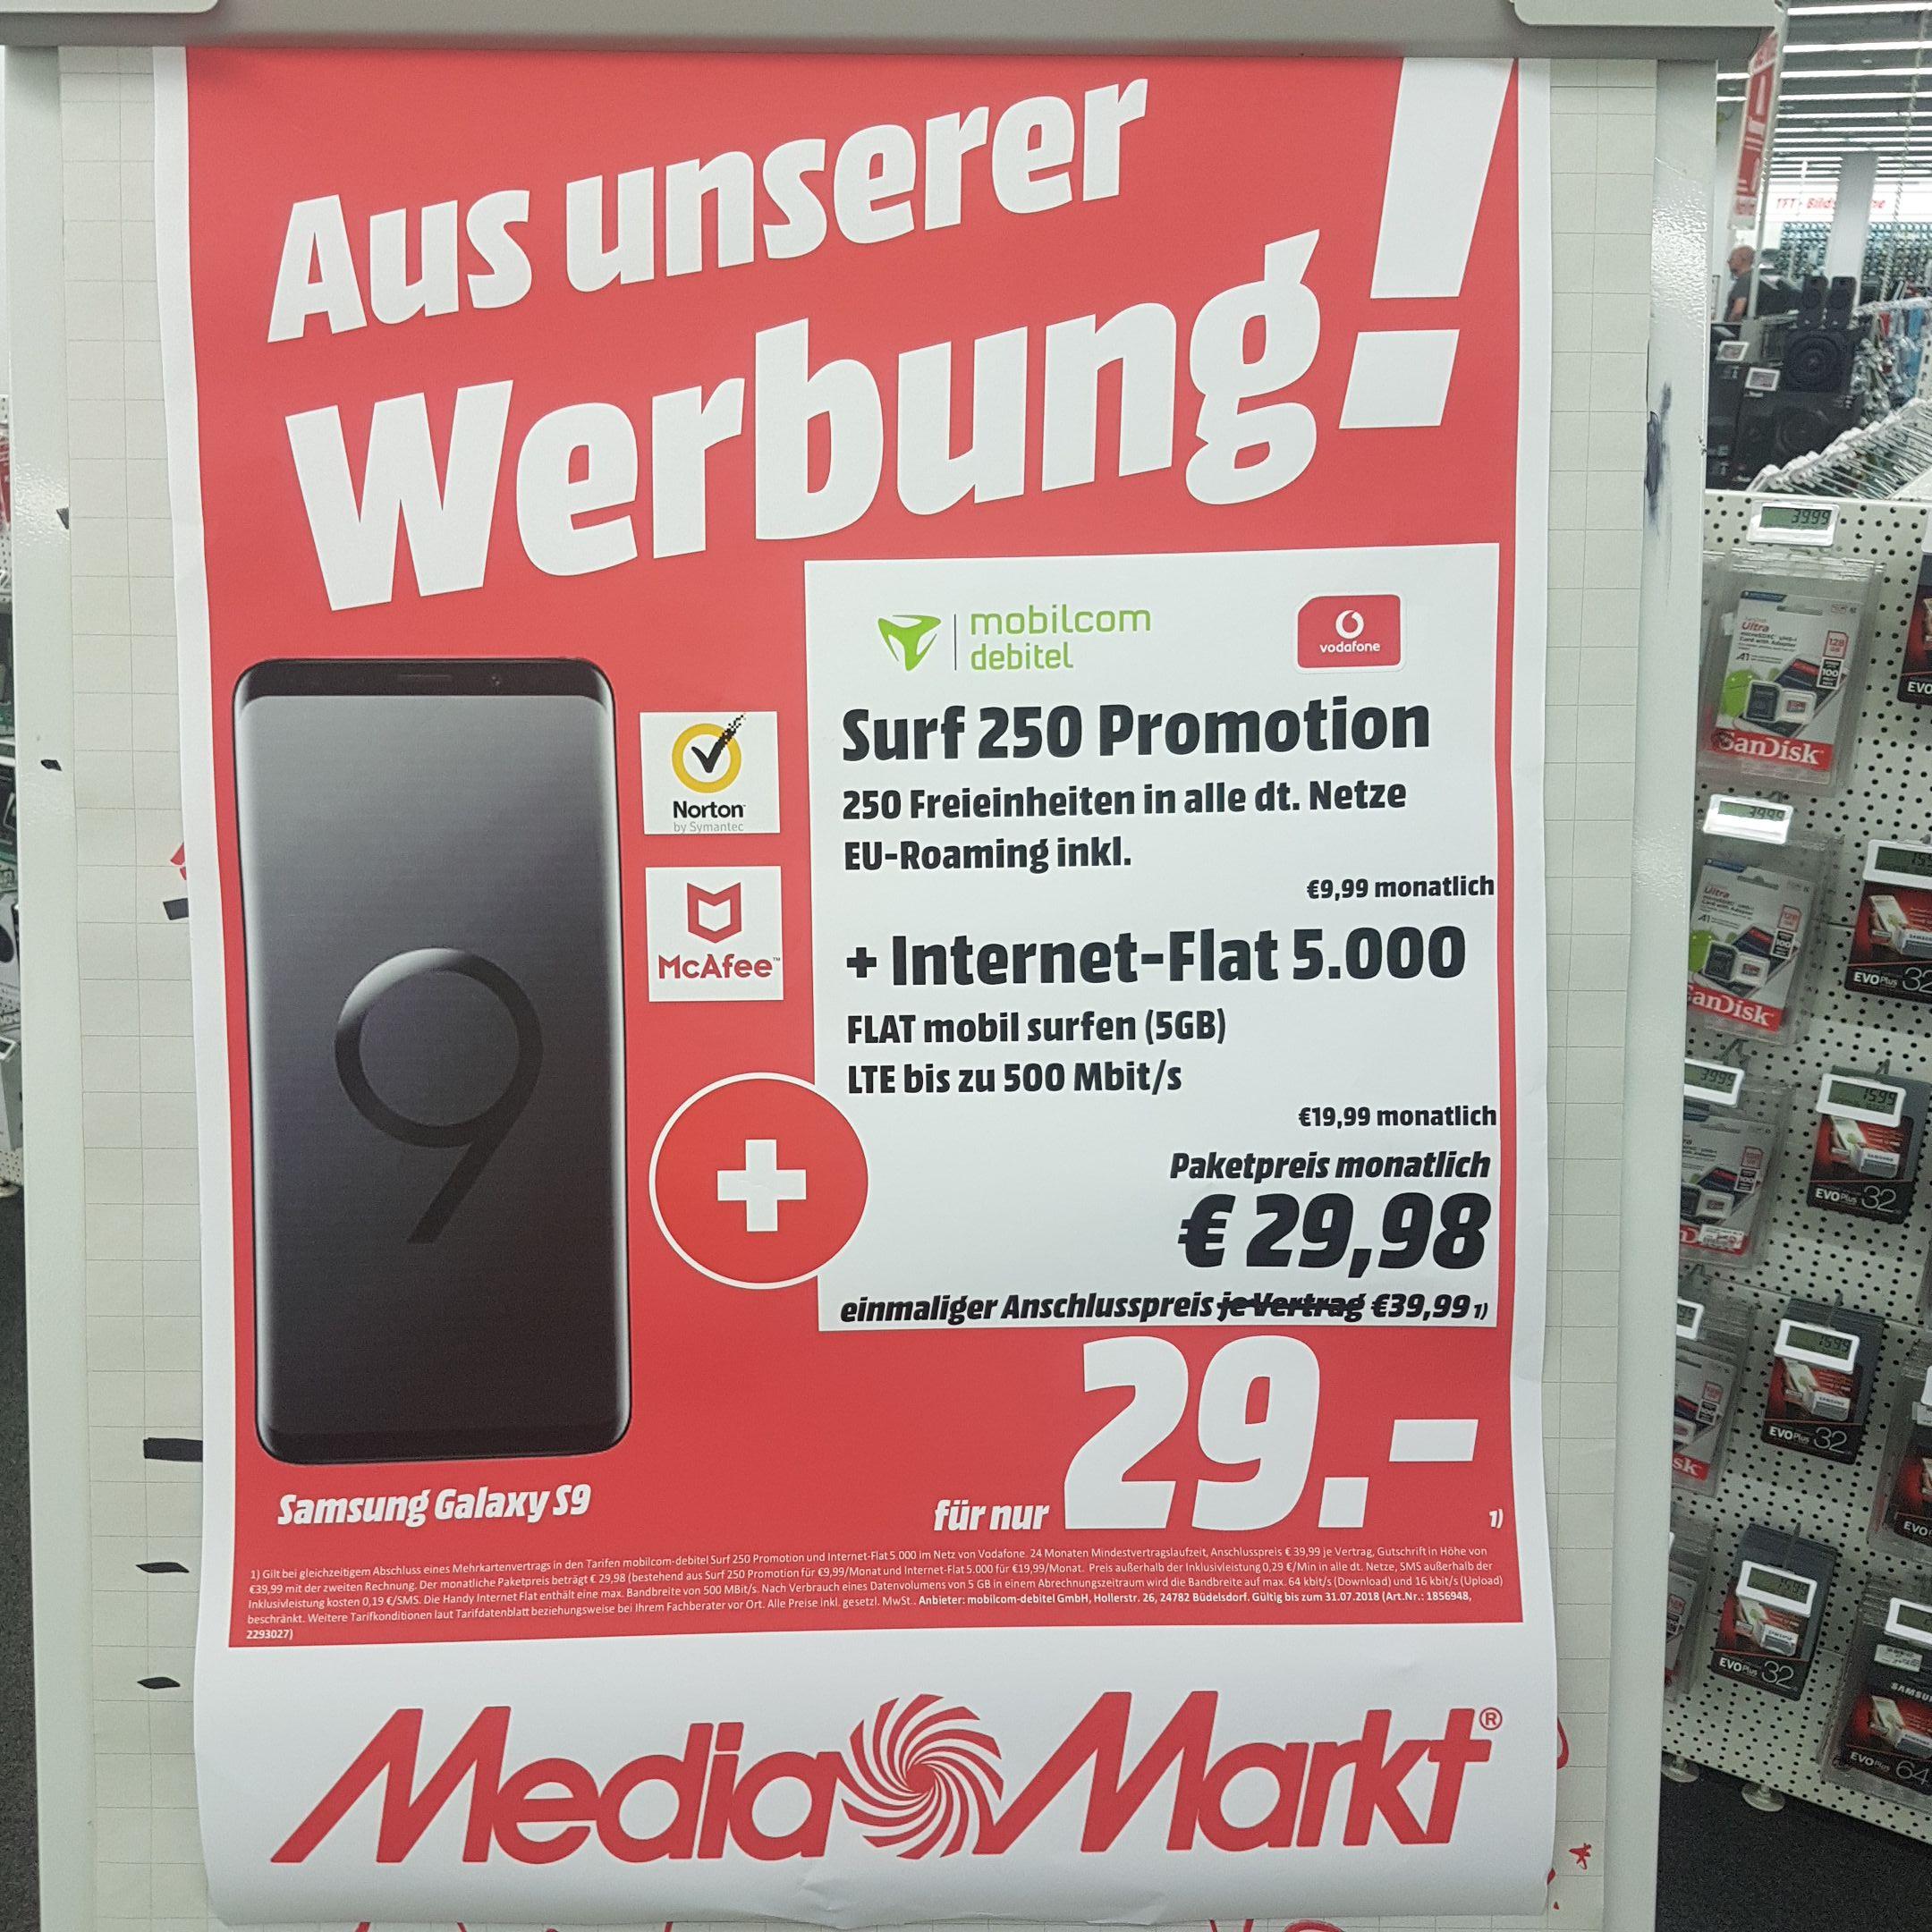 BEI MEDIAMARKT Hamburg NEDDERFELD S9 64GB MIT 250 FREIMINUTEN + 5 GB IM VODAFONE LTE NETZ